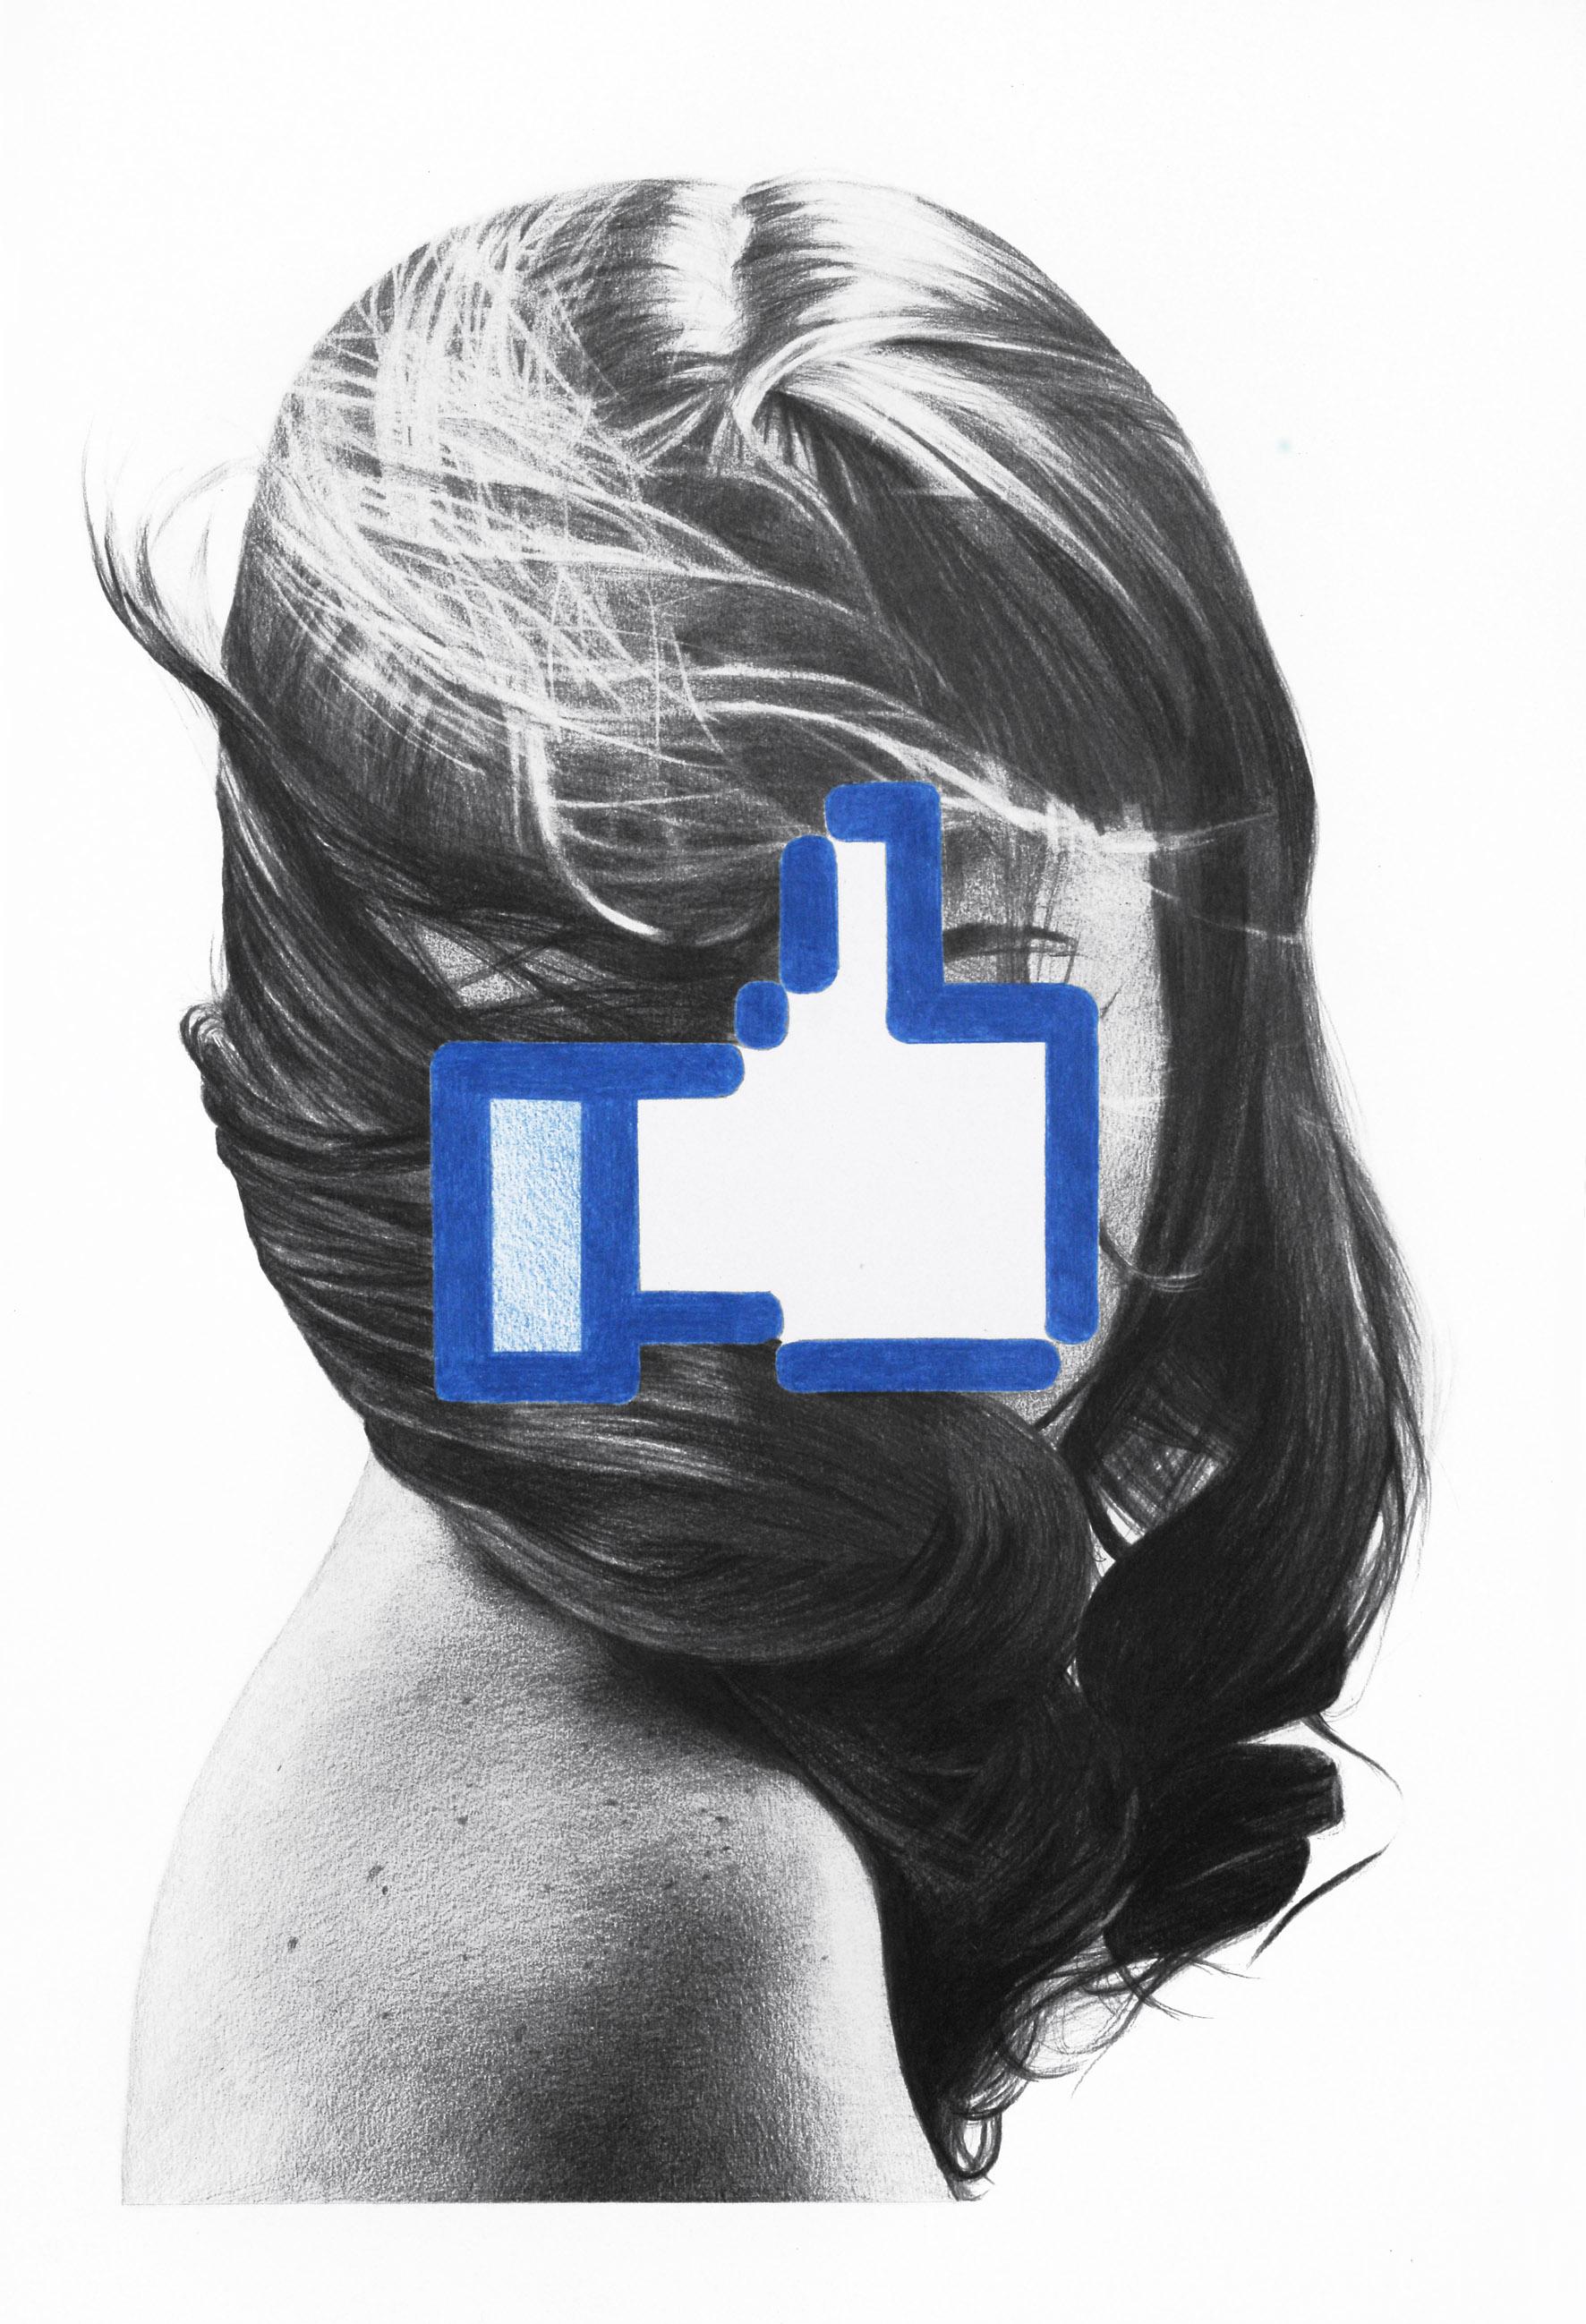 Blanche • Profile. Profile Picture. Blanche Falstaff, 2011